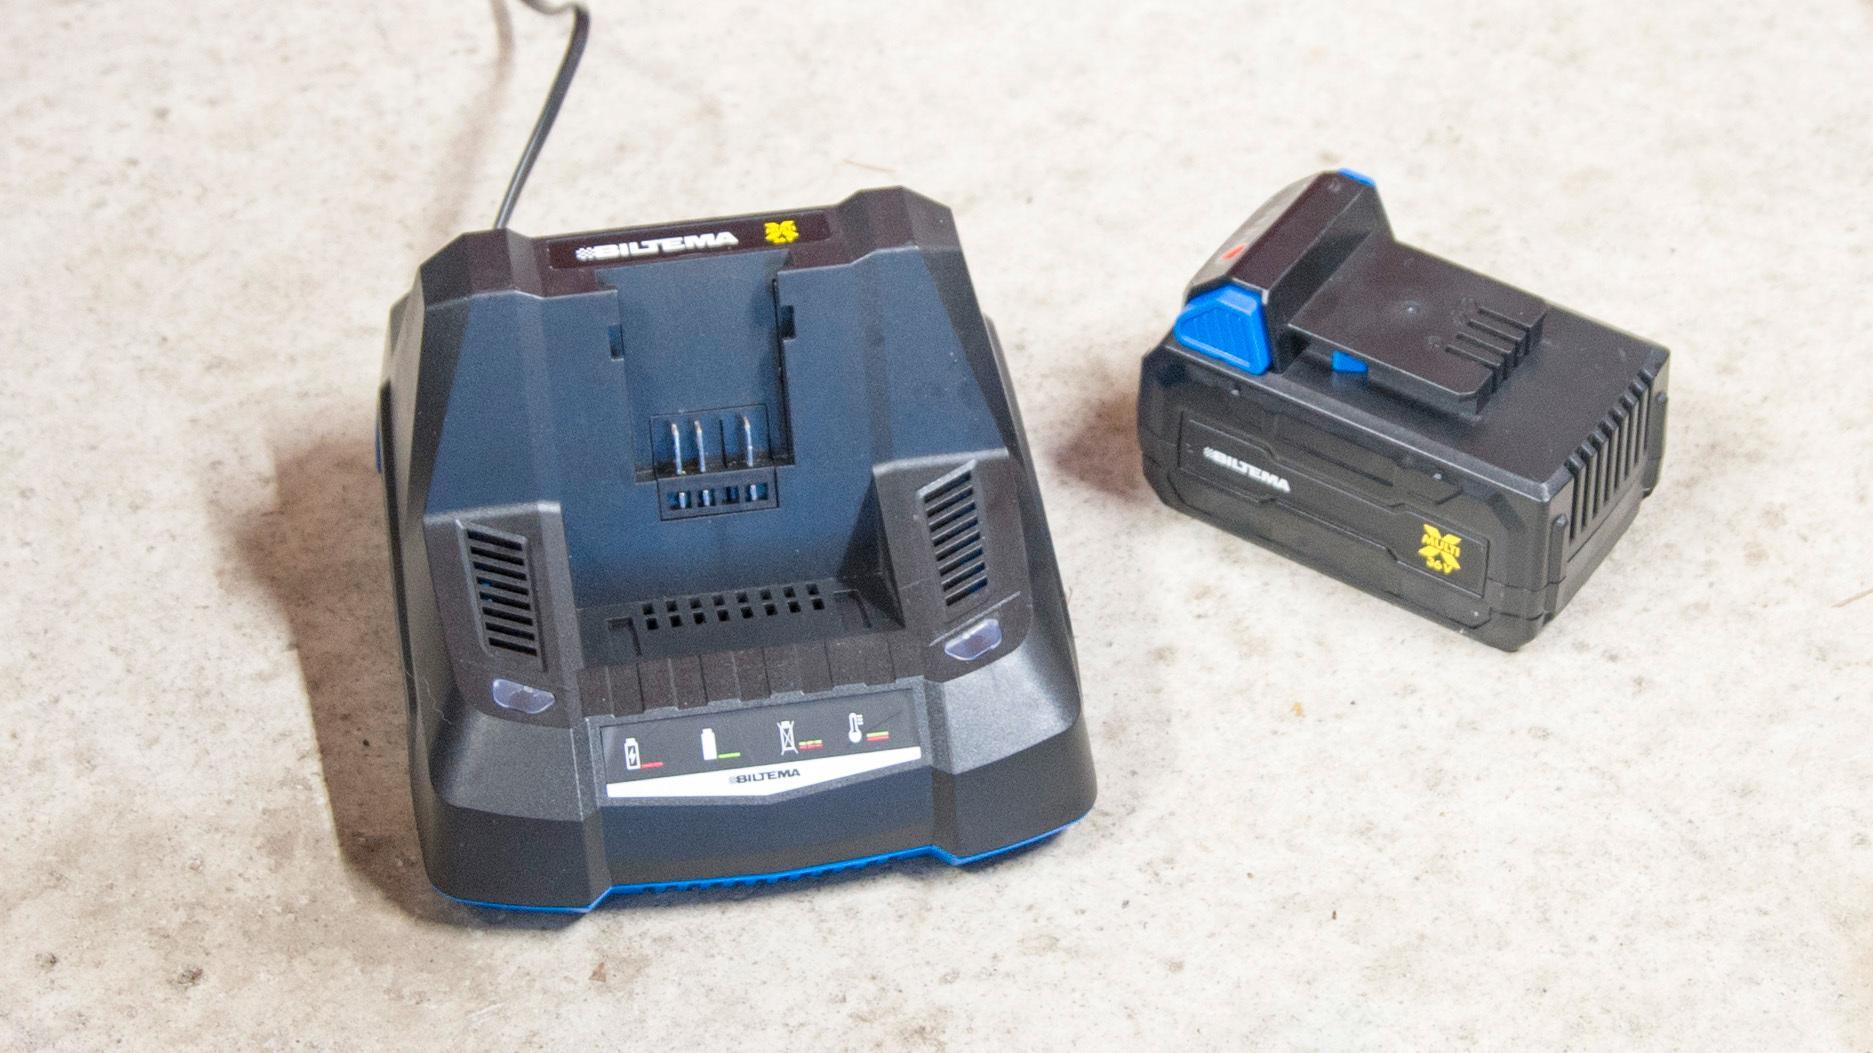 Kjøper du snøskuffen til Biltema må du også kjøpe batteri og lader utenom.